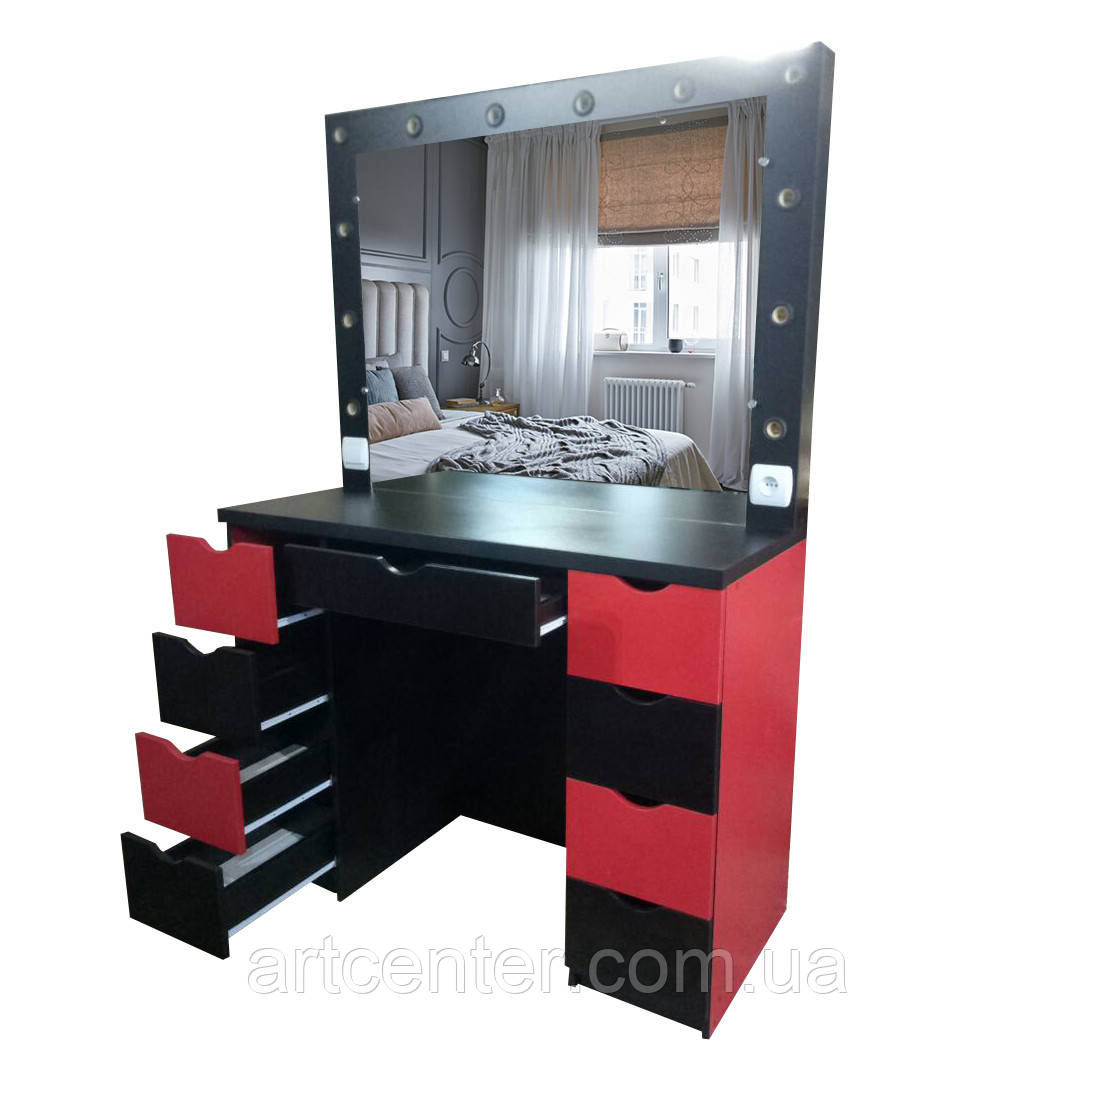 Стіл з дзеркалом, стіл для перукаря, стіл для візажиста